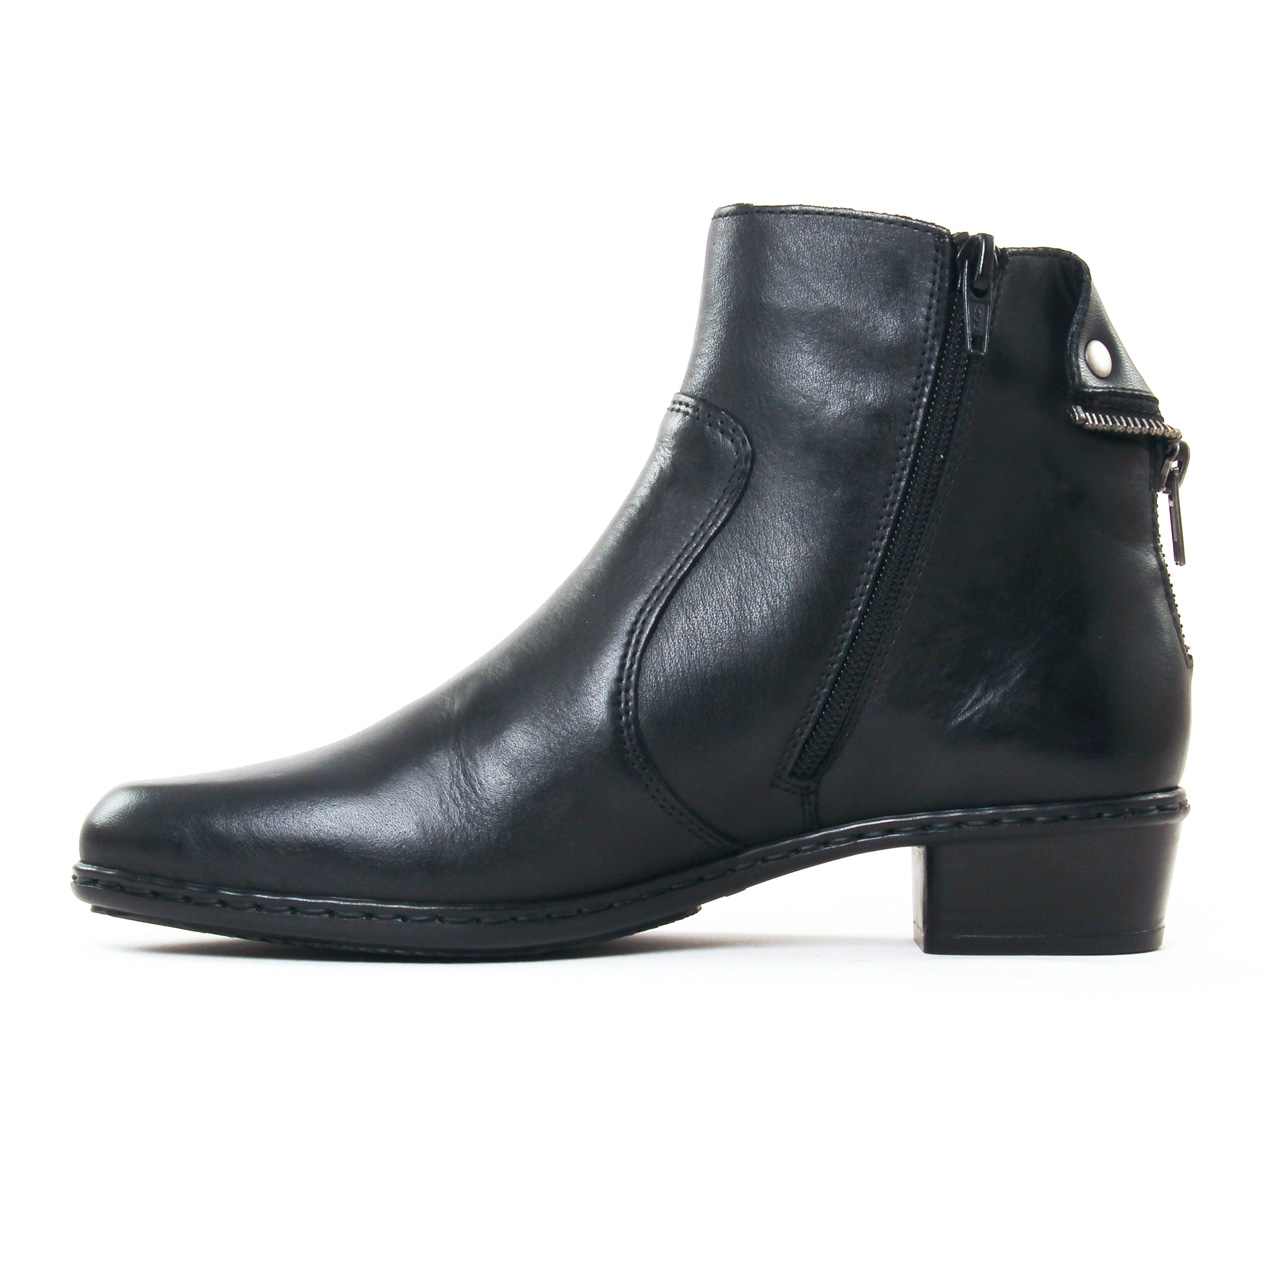 Rieker Y773 Noir | boots noir automne hiver chez TROIS PAR 3